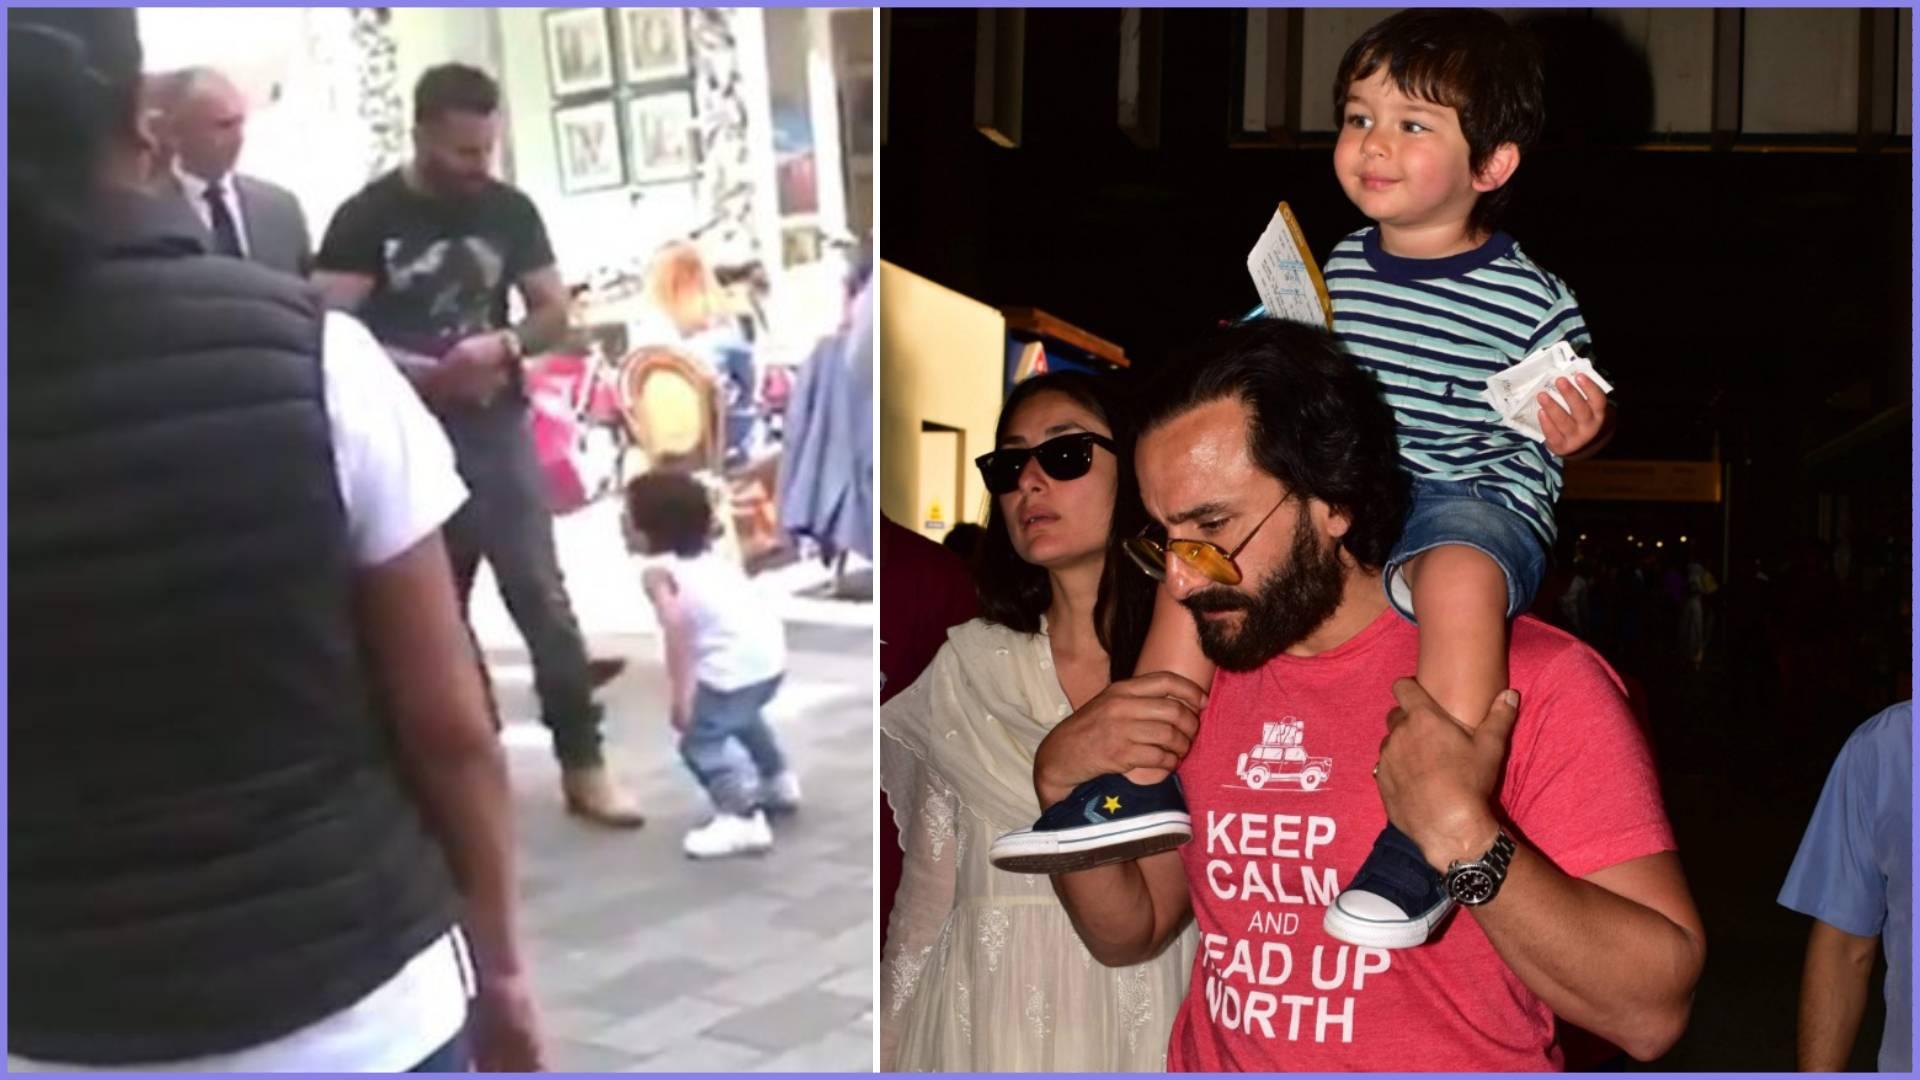 जवानी जानेमन के सेट से लीक हुआ तैमूर अली खान का वीडियो, पापा सैफ-मम्मी करीना के साथ हंसी-ठिठोली करते आये नजर